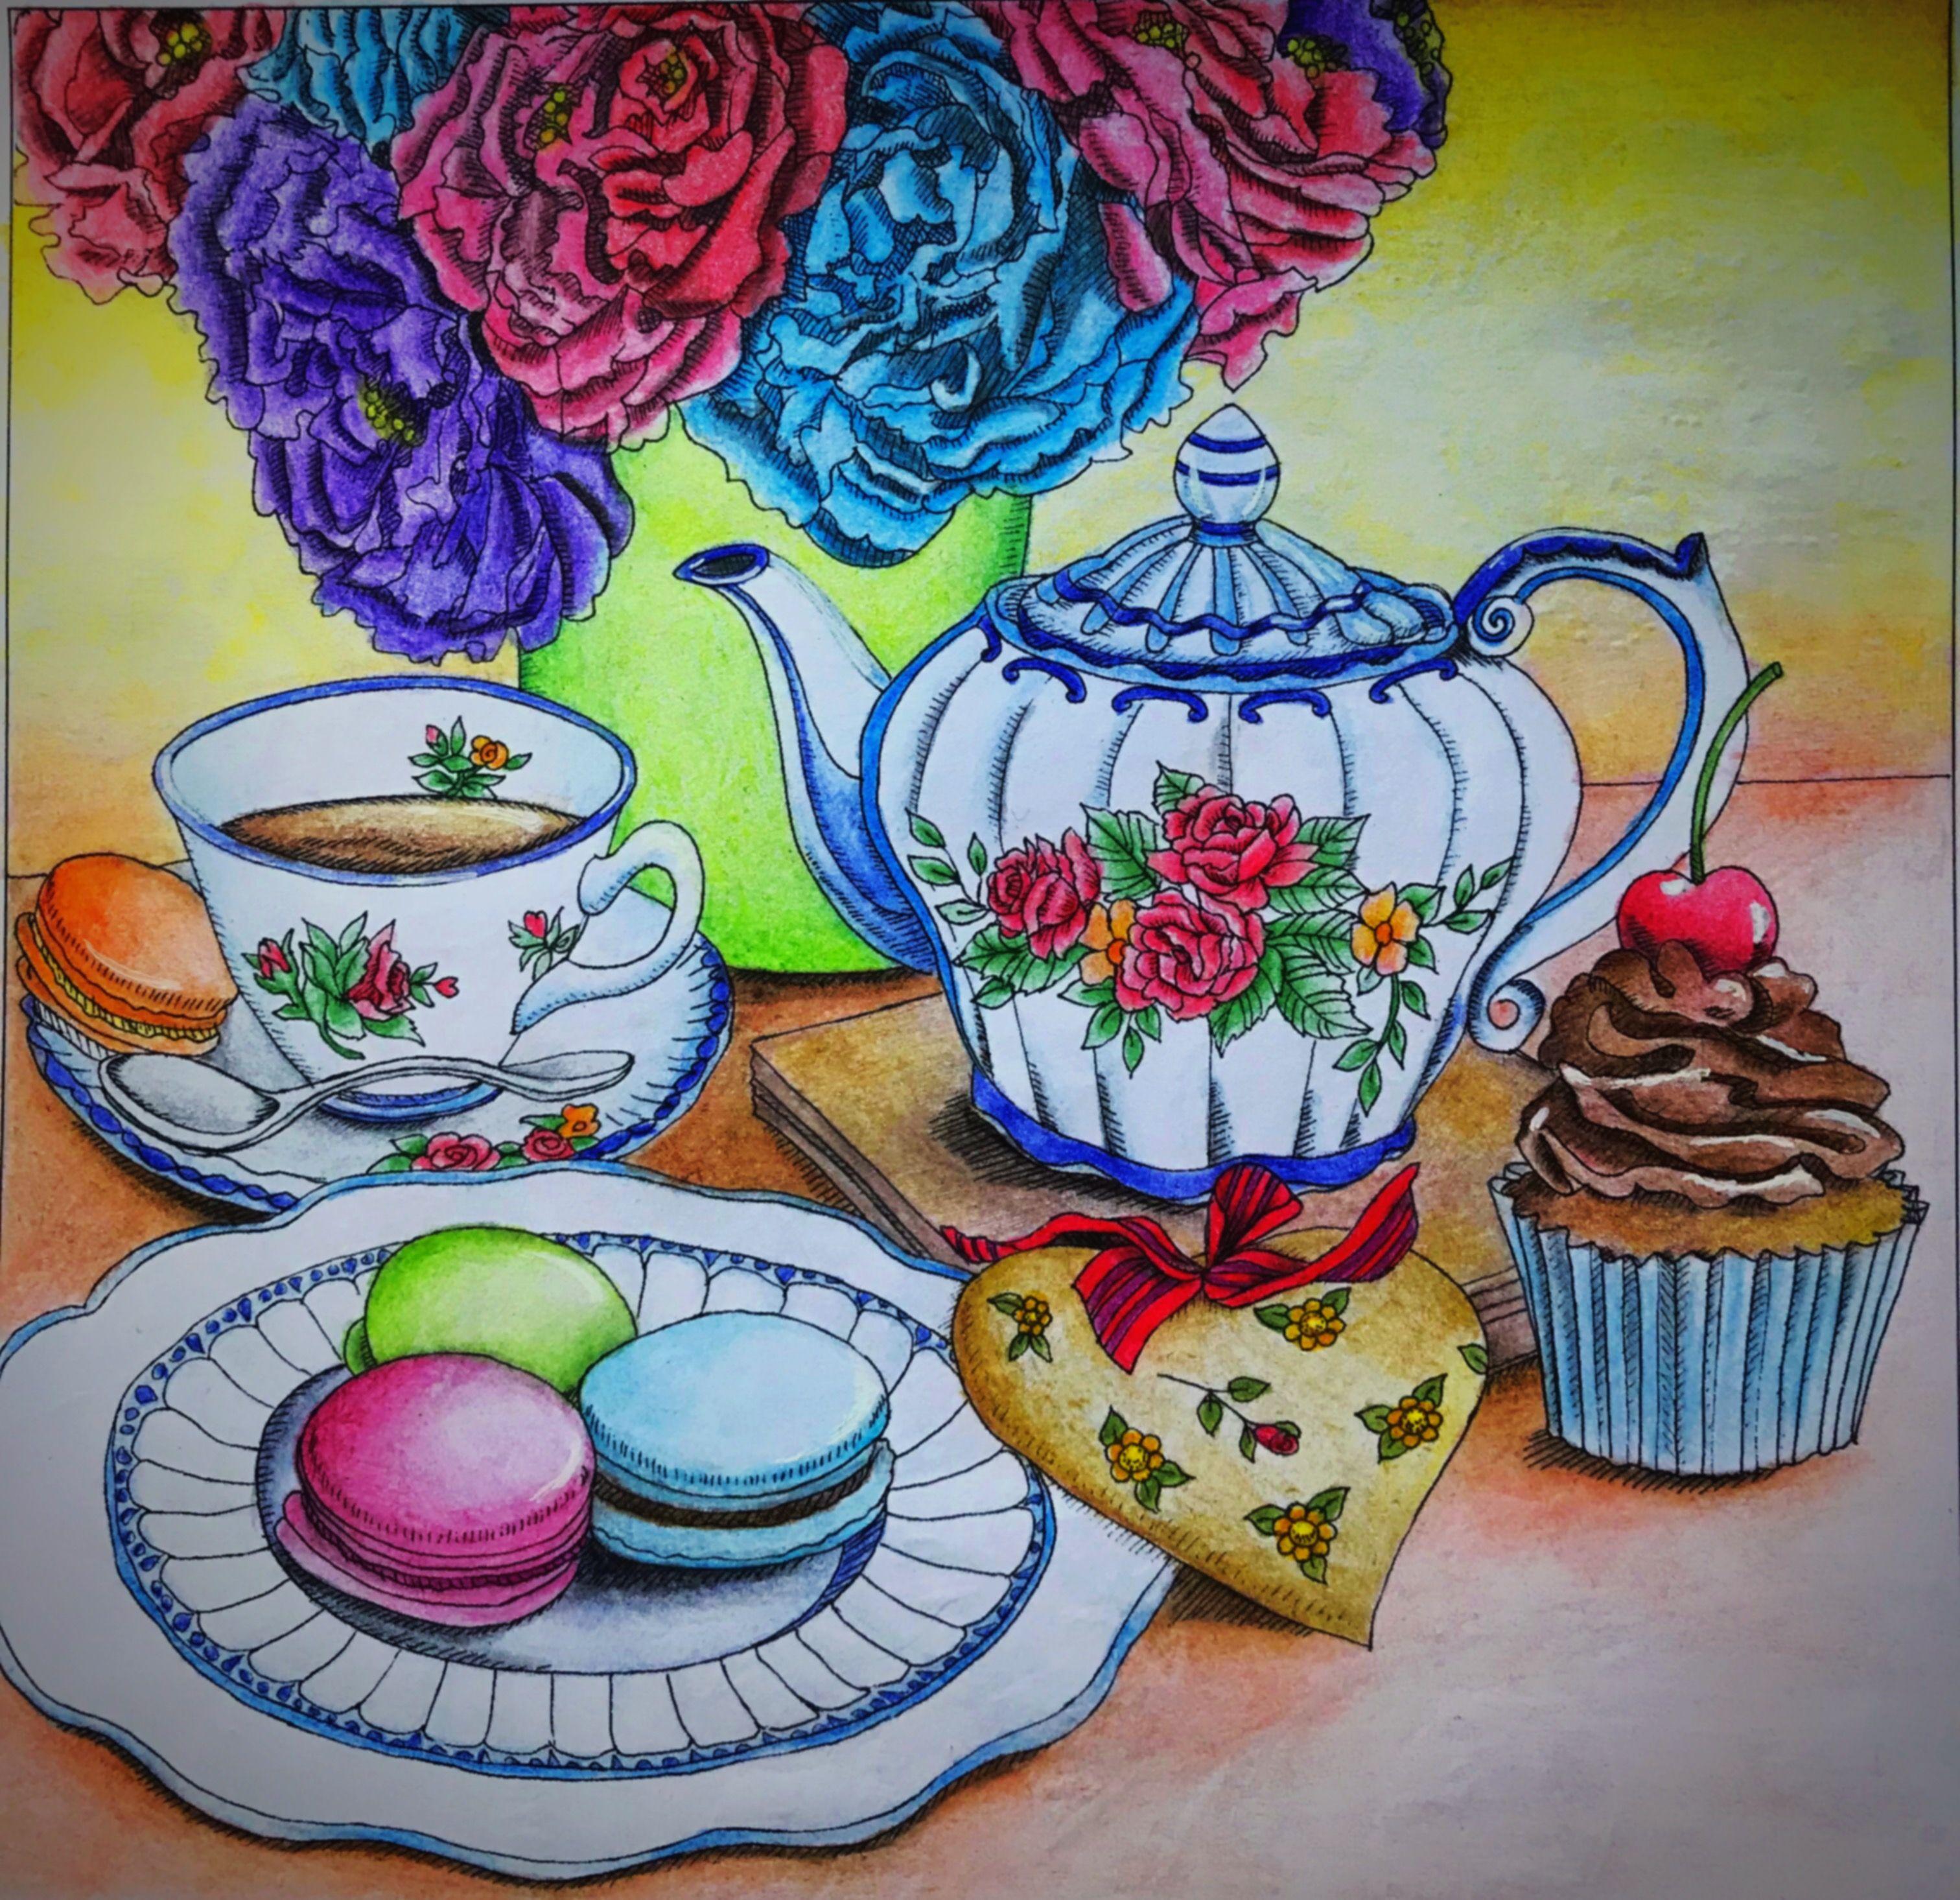 Раскраска «цветы и мечты» (с изображениями) | Раскраски ...